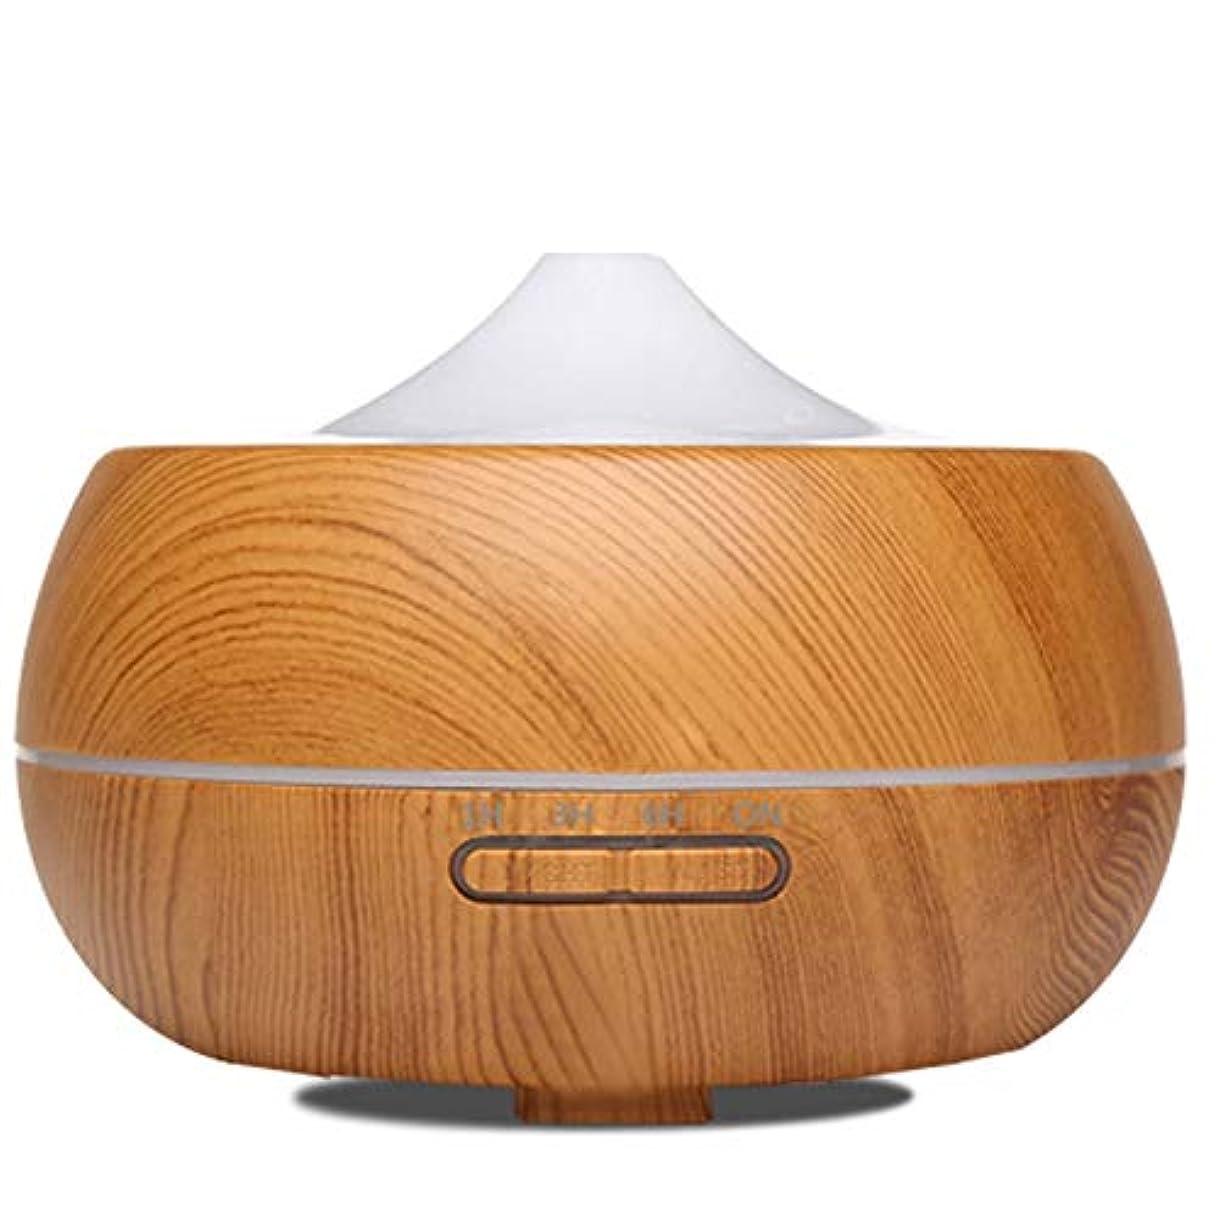 品フォーマット赤外線300 ml アロマテラピー エッセンシャル オイル ディフューザー, 超音波 涼しい霧 humidmifier アロマディフューザー タイマー付き 7色変換 夜のライト 空焚き防止機能搭載- 17x12cm